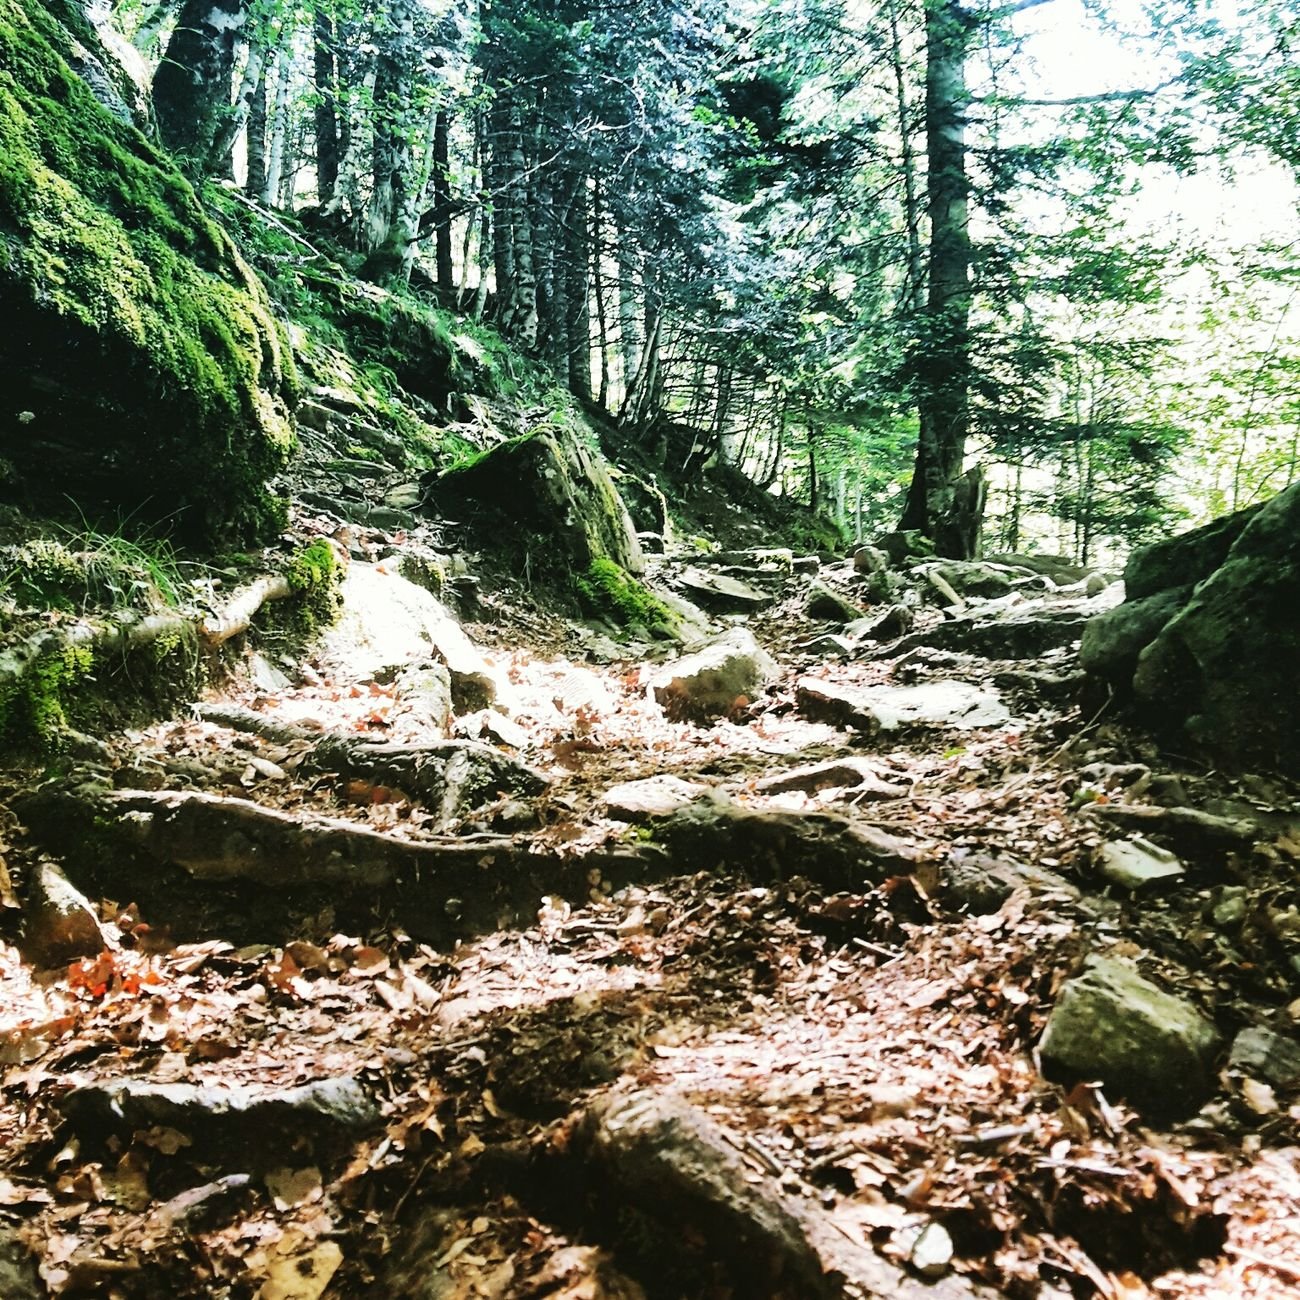 Landscape_Collection Landscapes Landscape Midi-Pyrenees Pyrenees Montagne Haute Garonne Forest